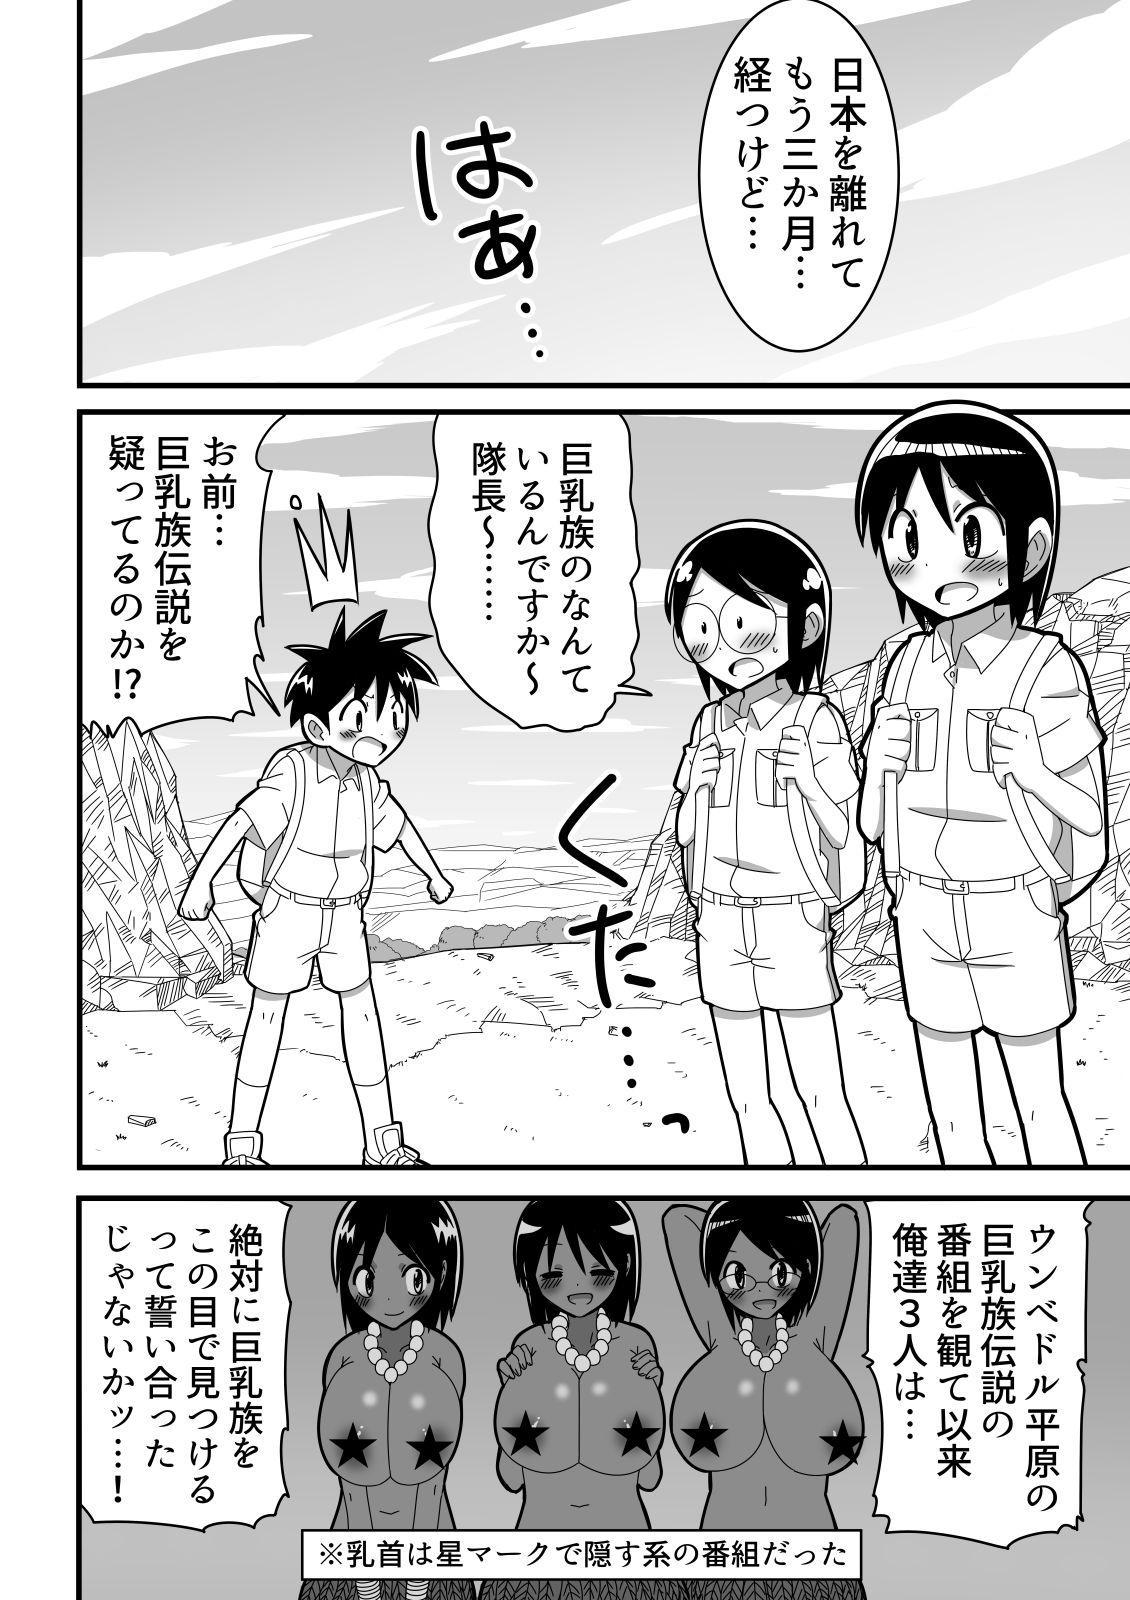 Shota Tankentai ga Hikyou de Kyojinzoku no Onee-san to Deatta Hanashi 1